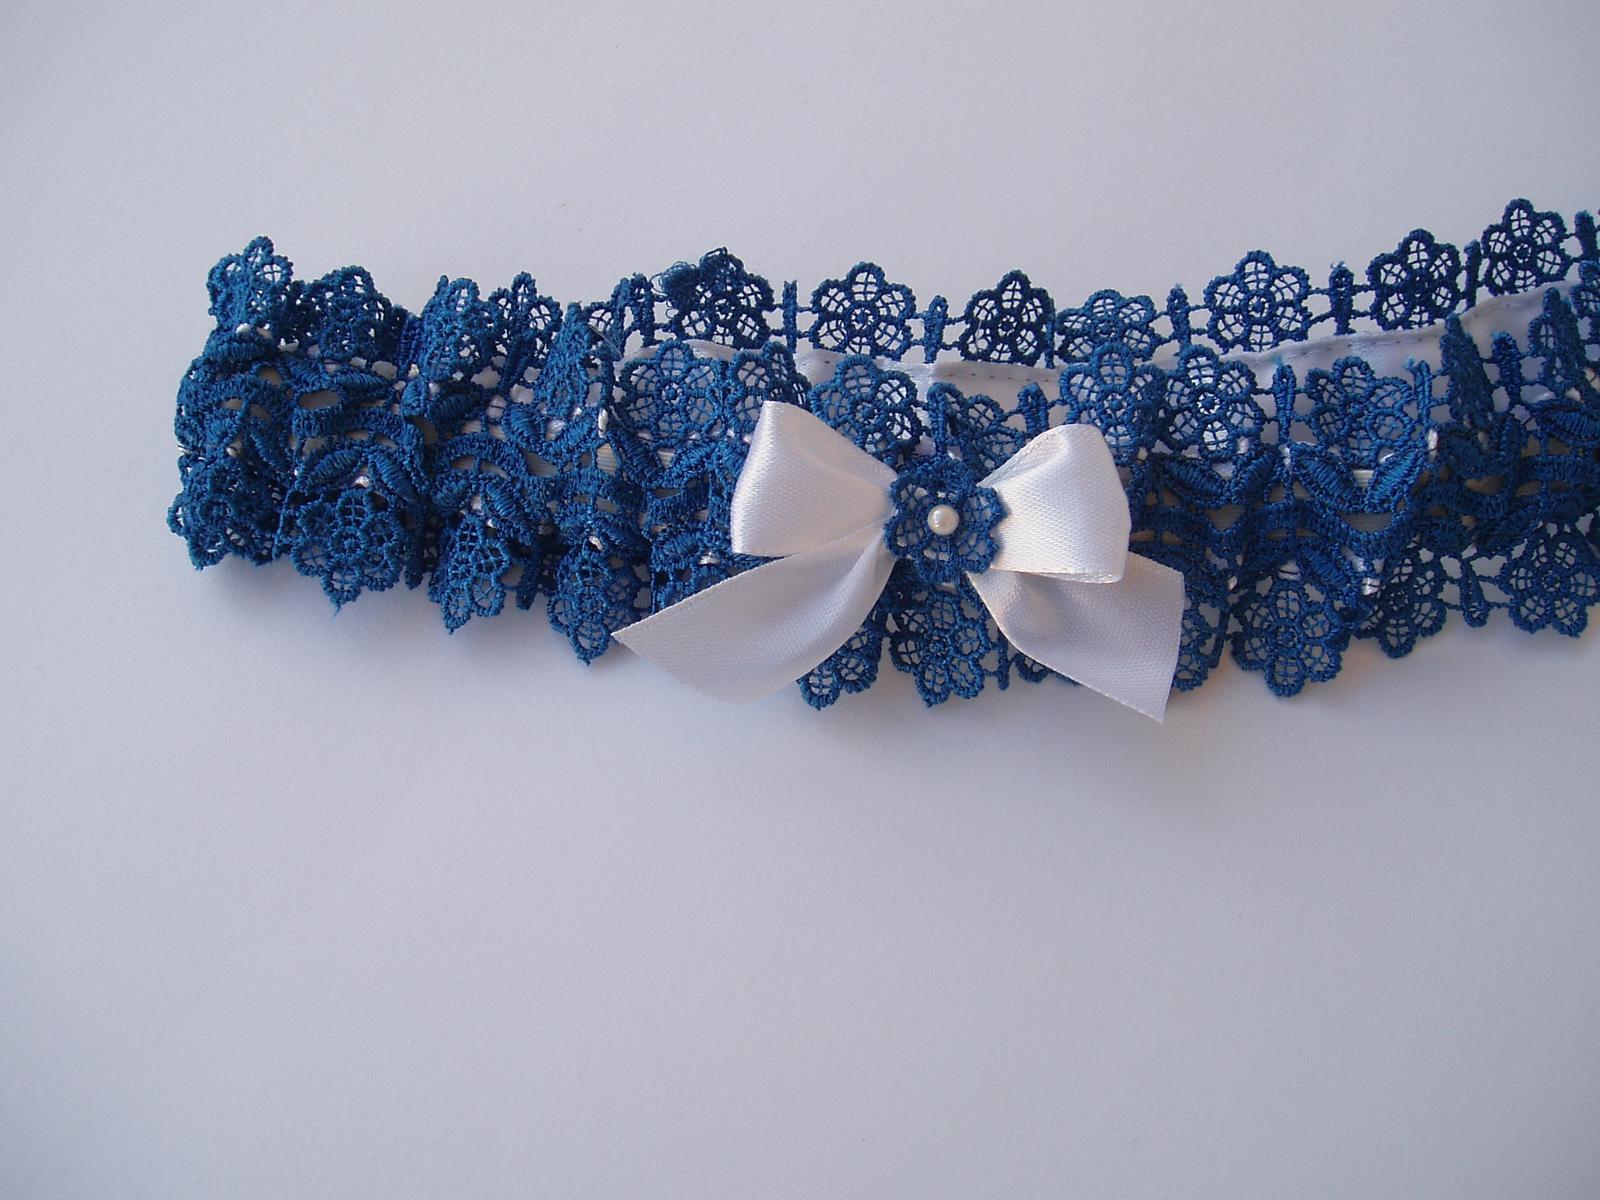 modrý podvazek s mašličkou - Obrázek č. 2